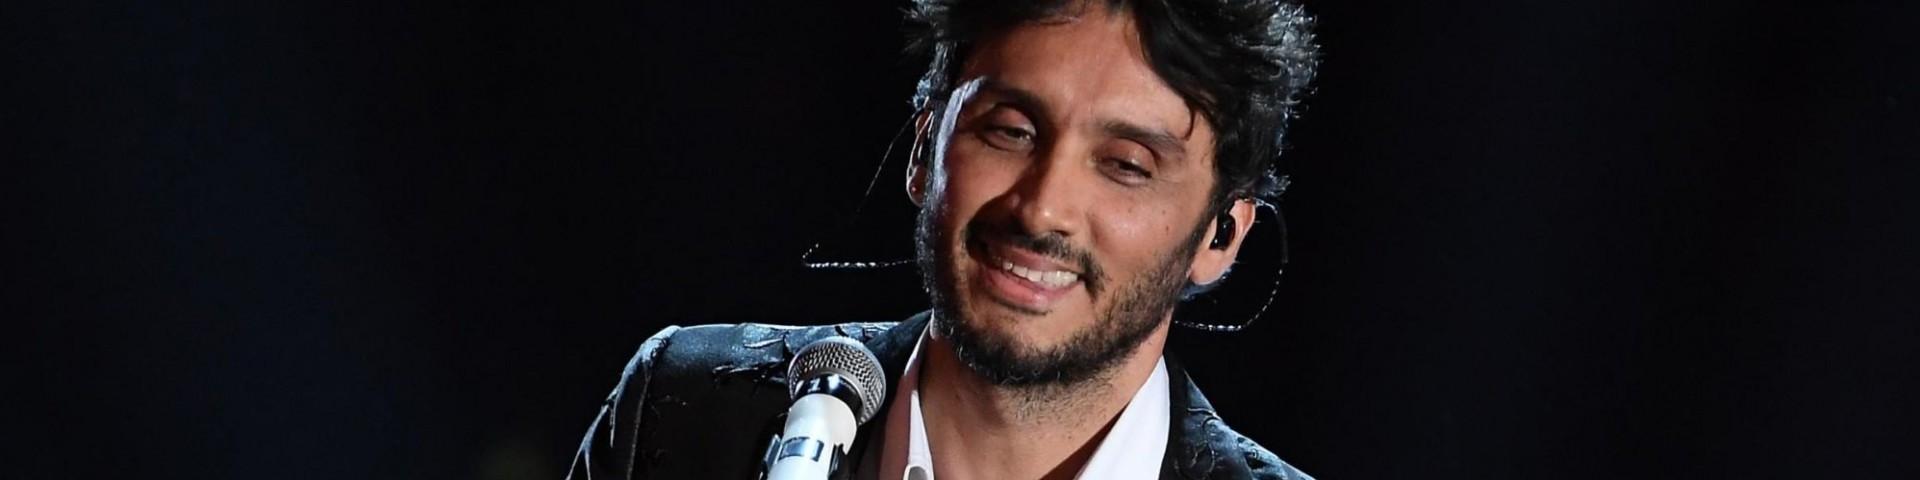 Fabrizio Moro: svelata la tracklist del nuovo album